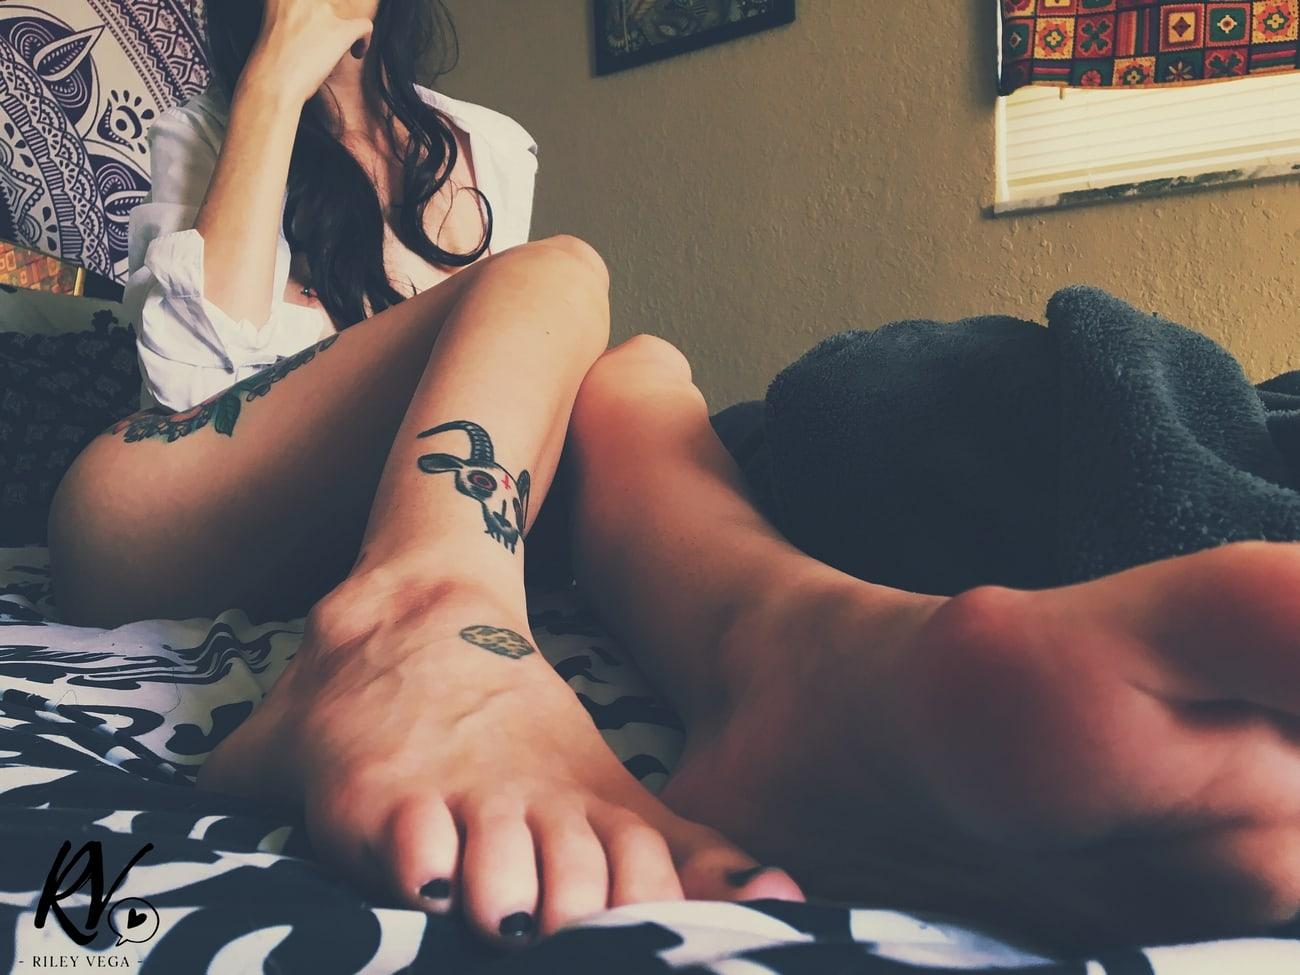 foto Riley Vega tatoo op haar been